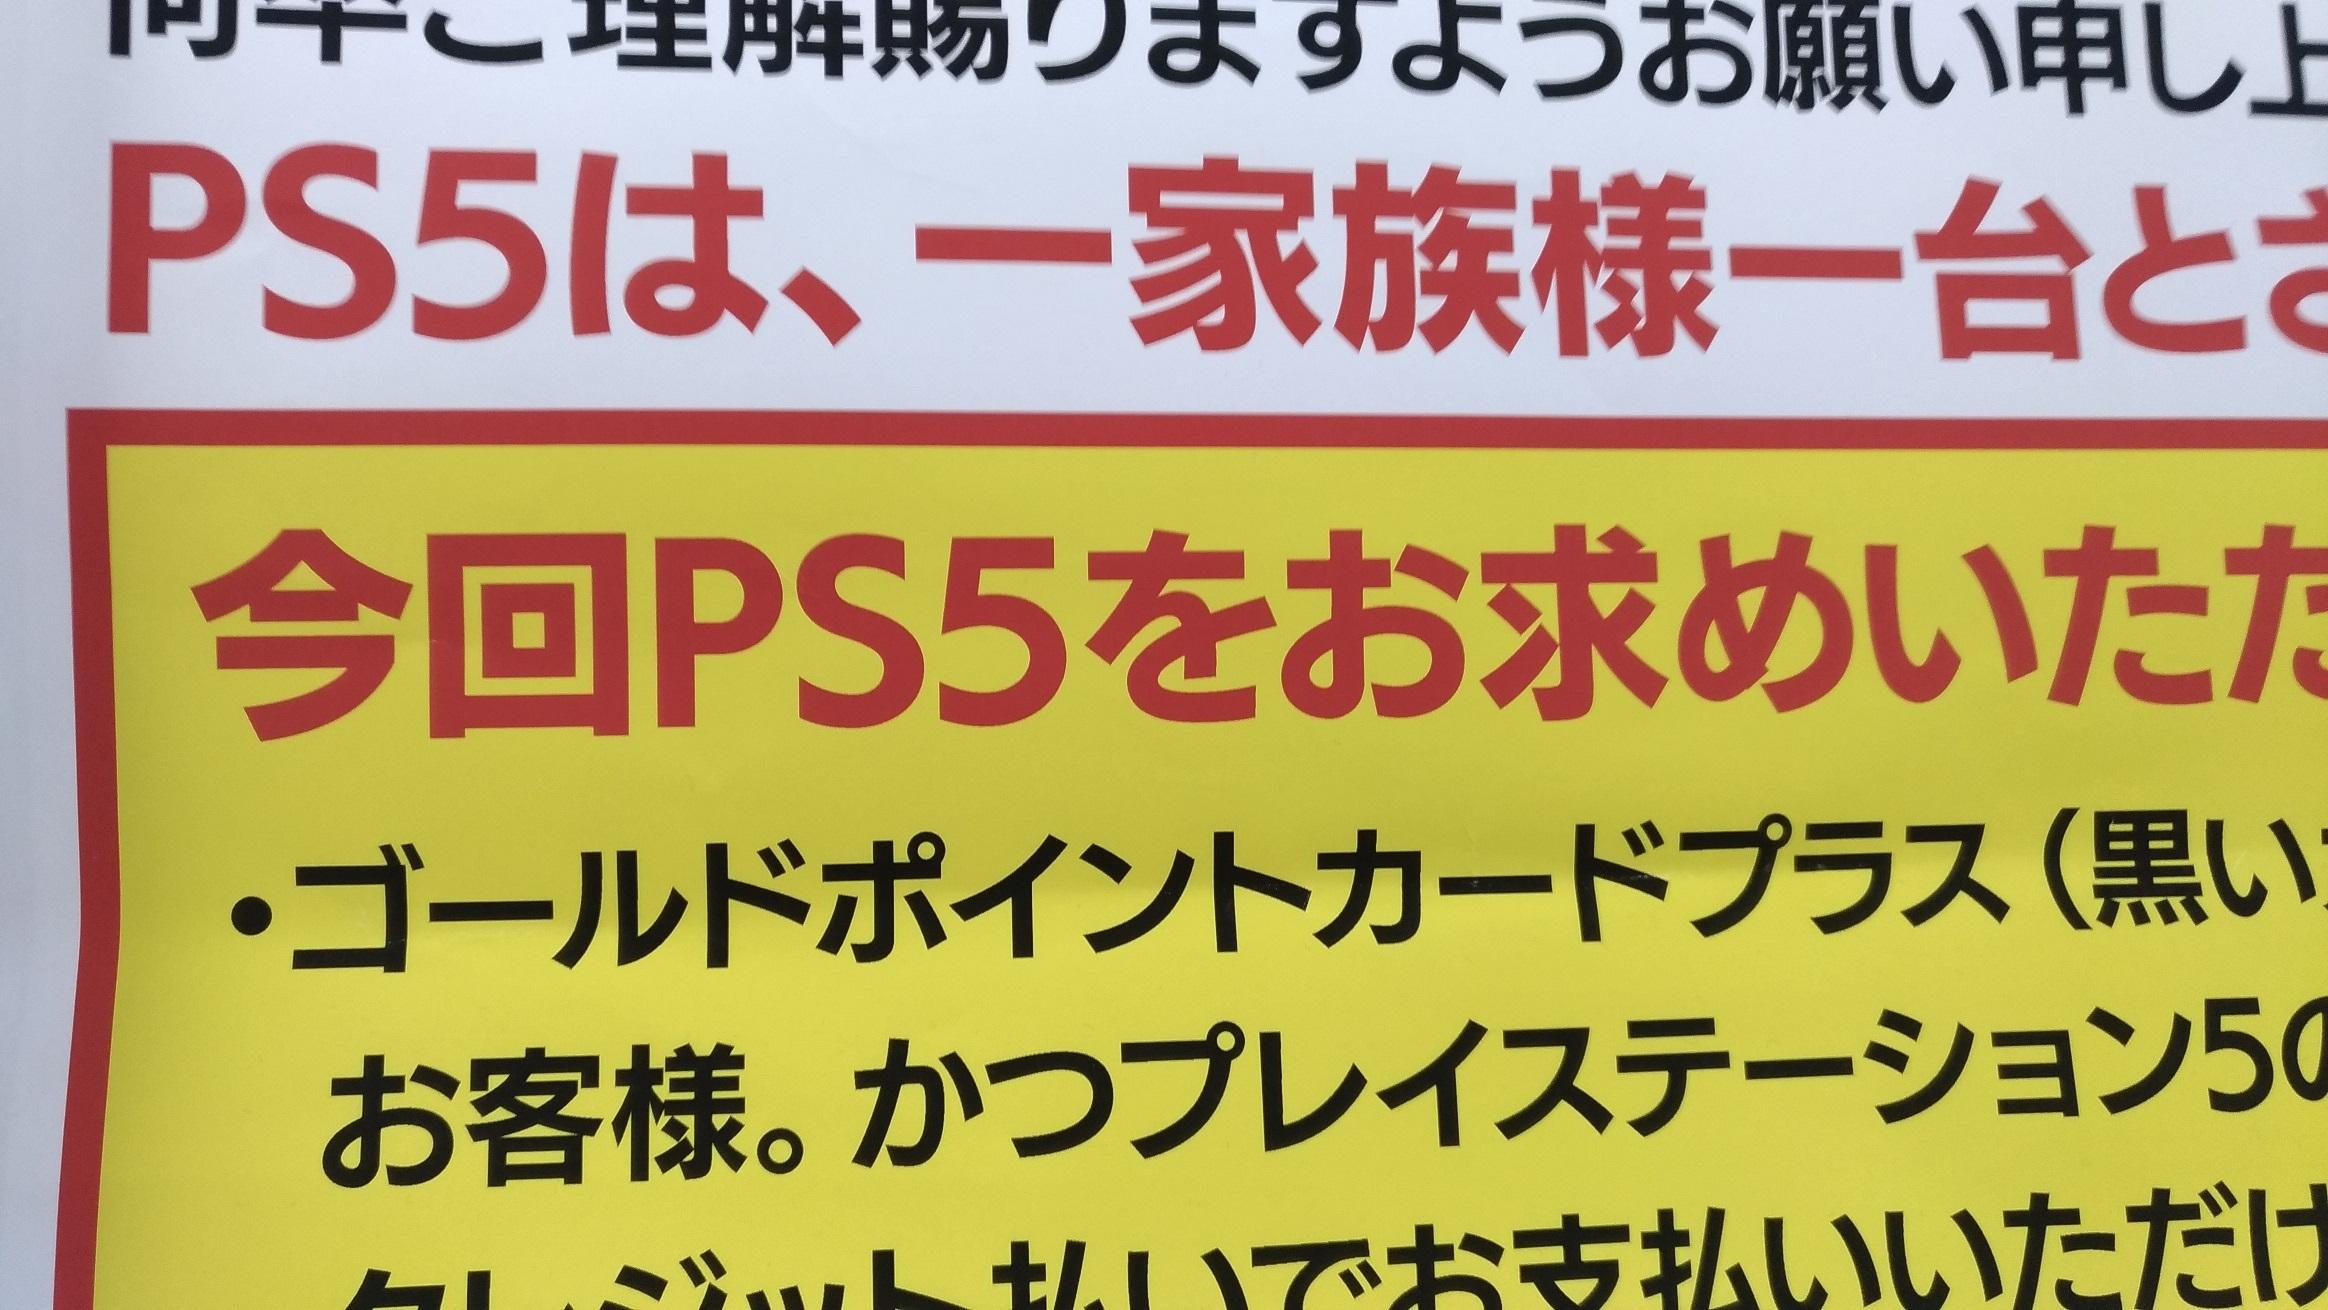 01_ps5_umeda_0724_1.jpg